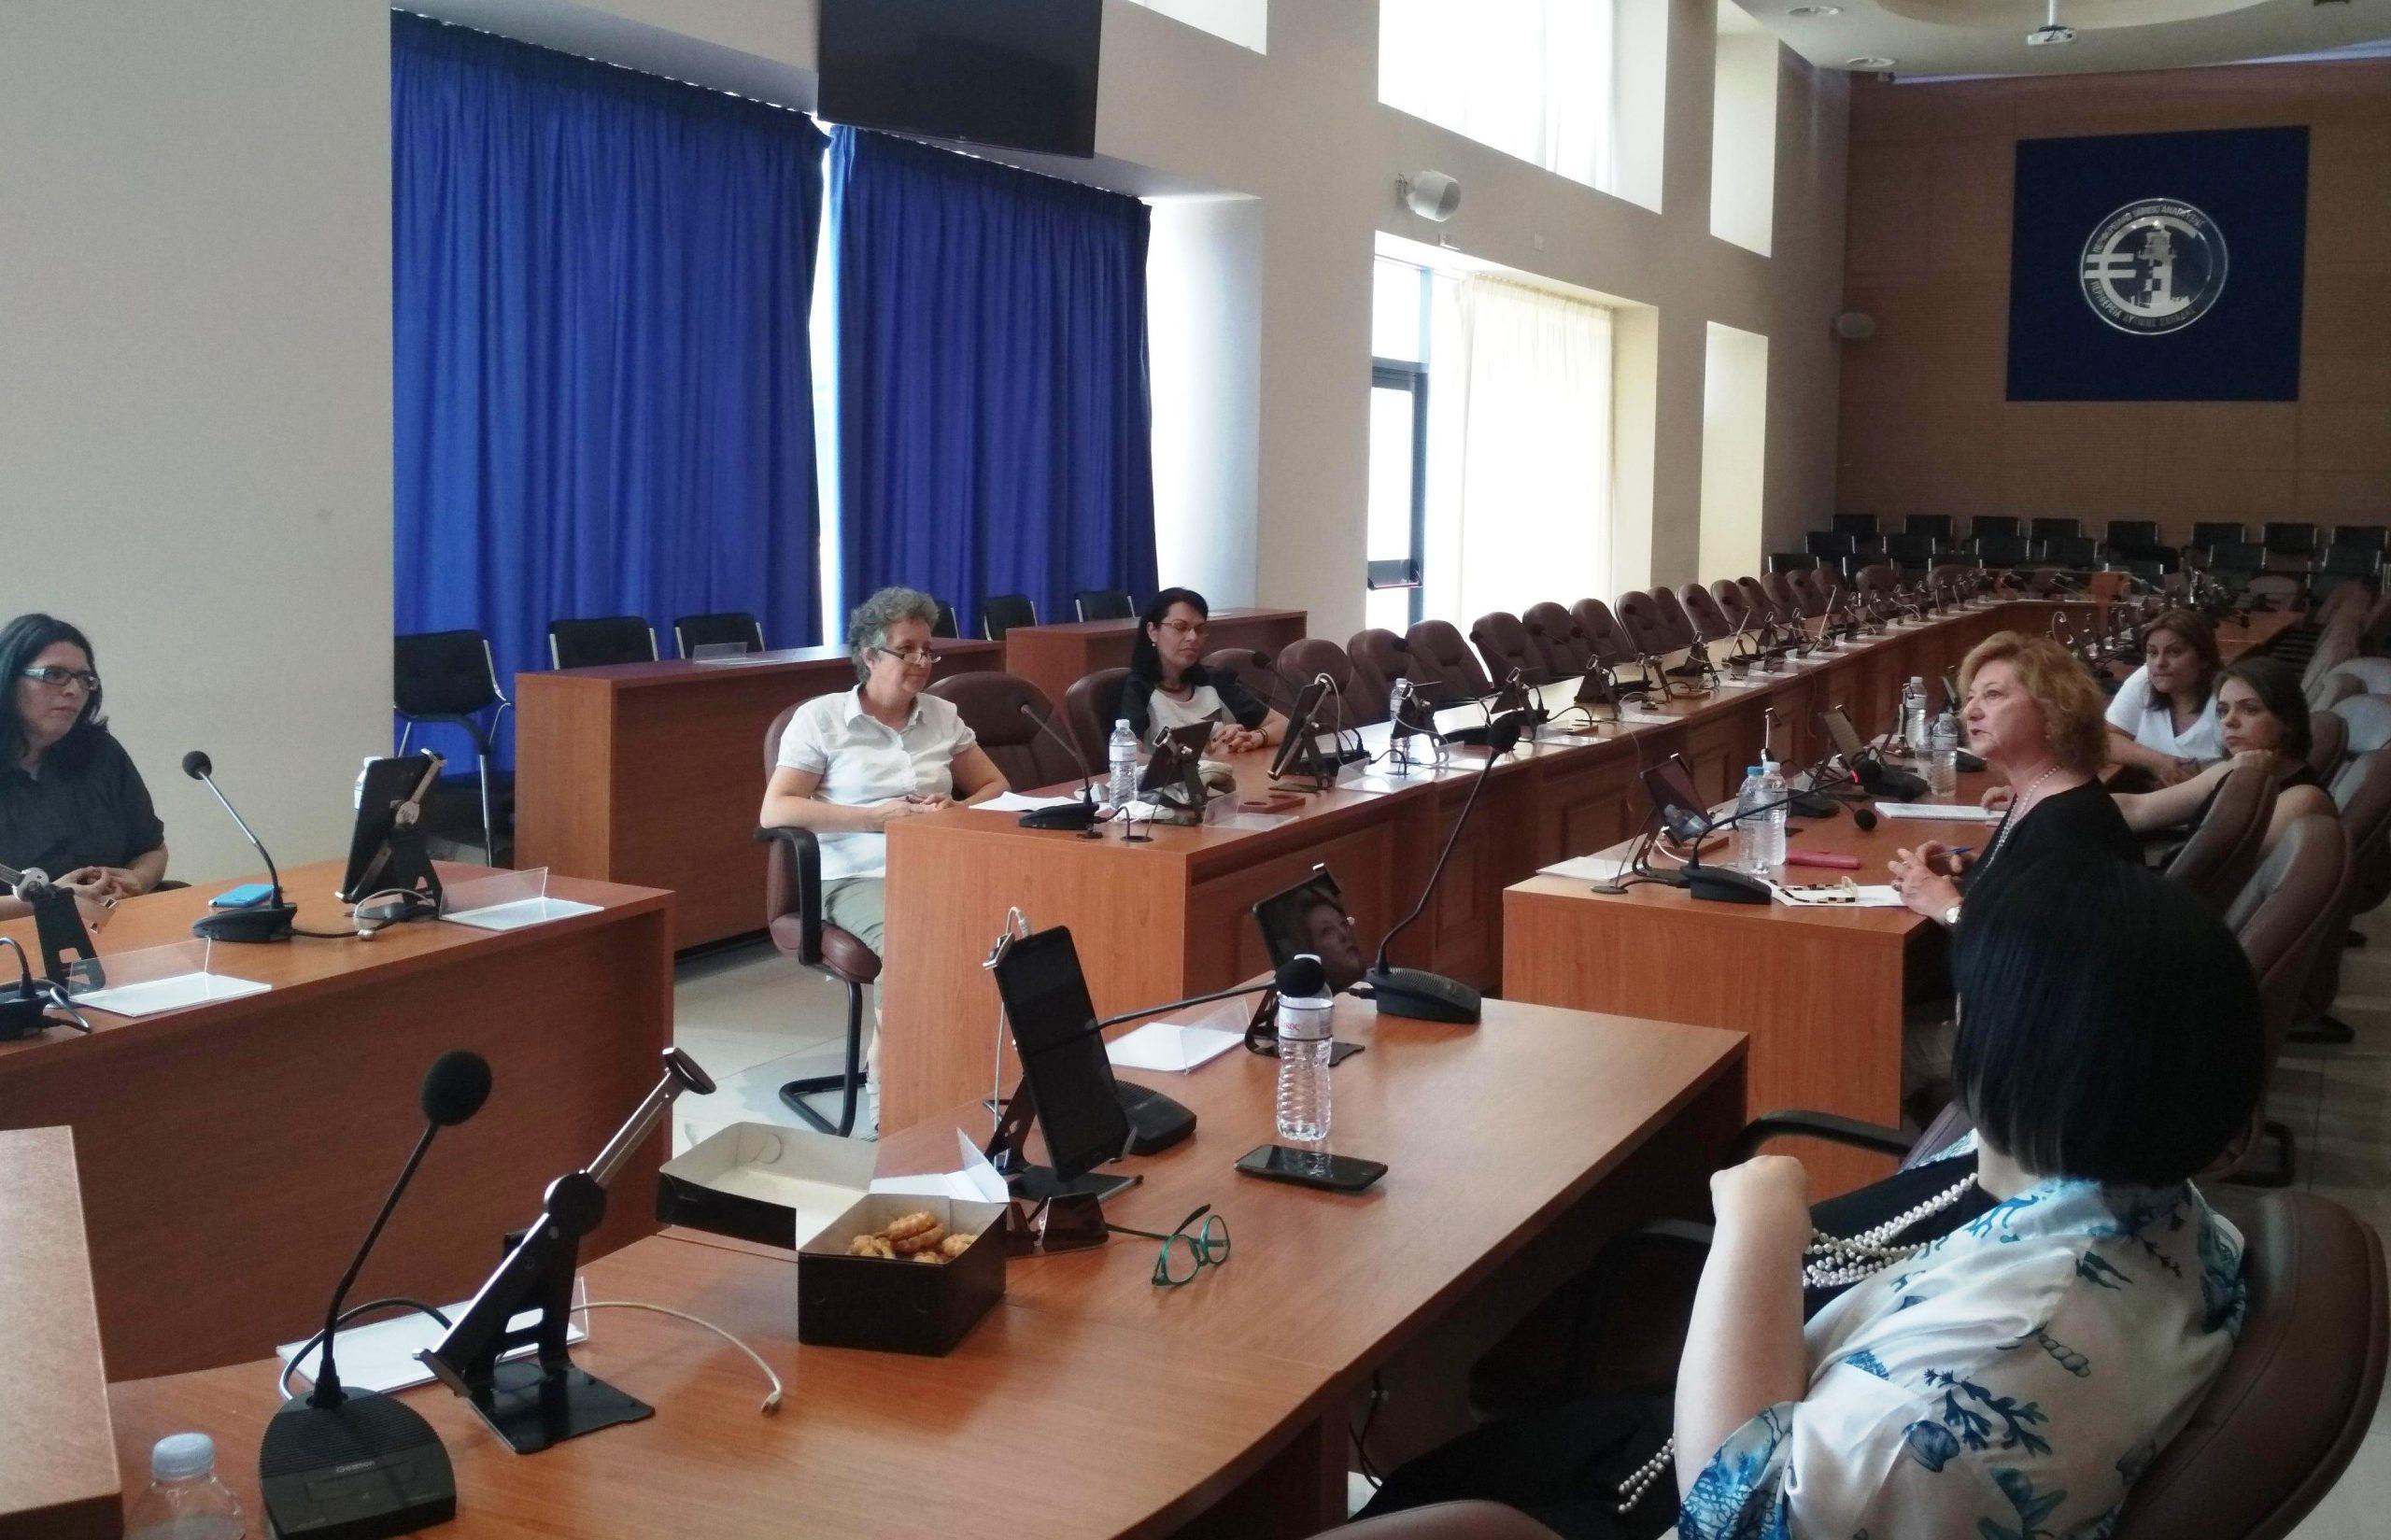 ΠΔΕ: Συνάντηση των μελών της υπό σύσταση, Περιφερειακής Επιτροπής Ισότητας (photos)